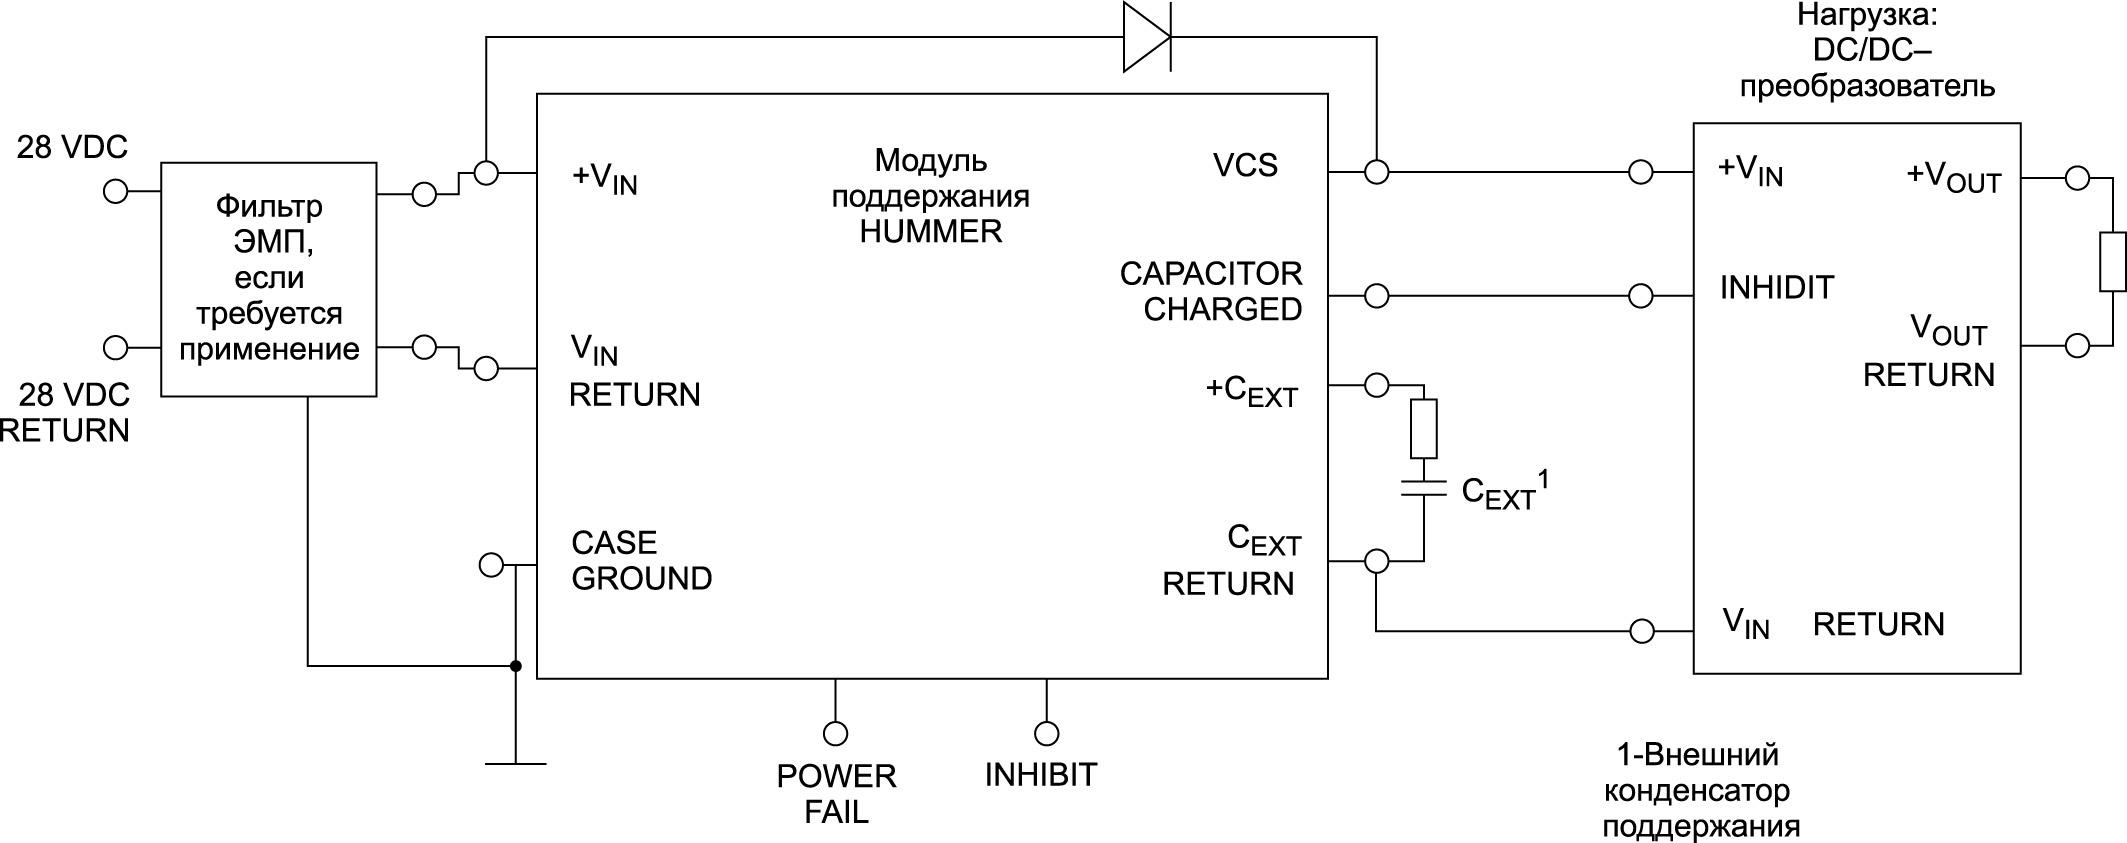 Структурная схема системы с применением модуля поддержания напряжения серии HUM